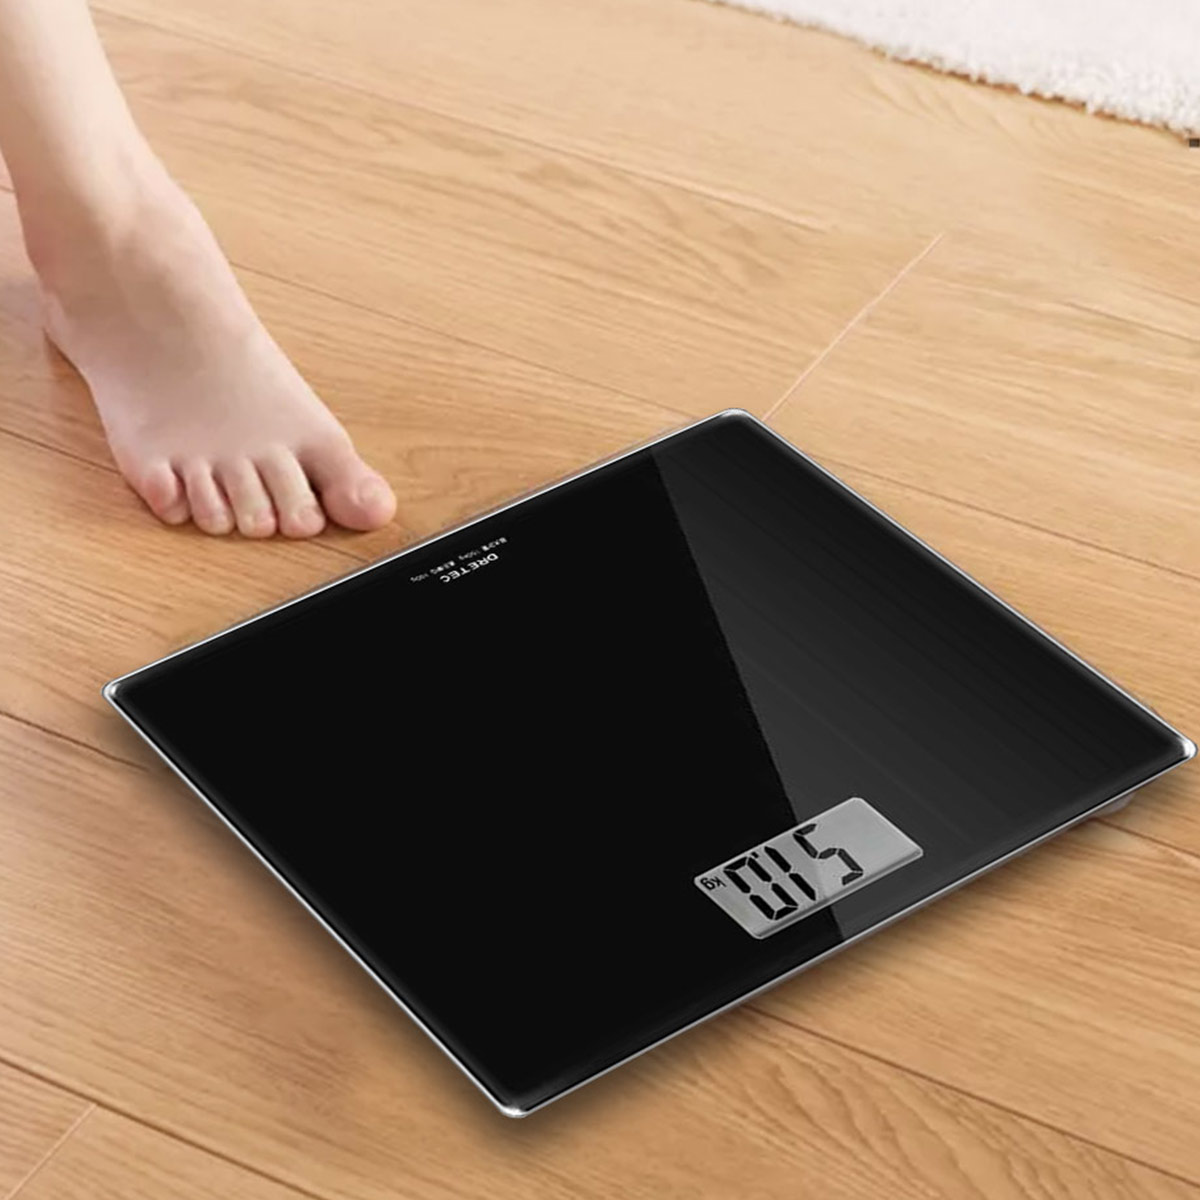 dretec 多利科日本进口体重秤家用人体秤电子秤成人女生减肥称测体重